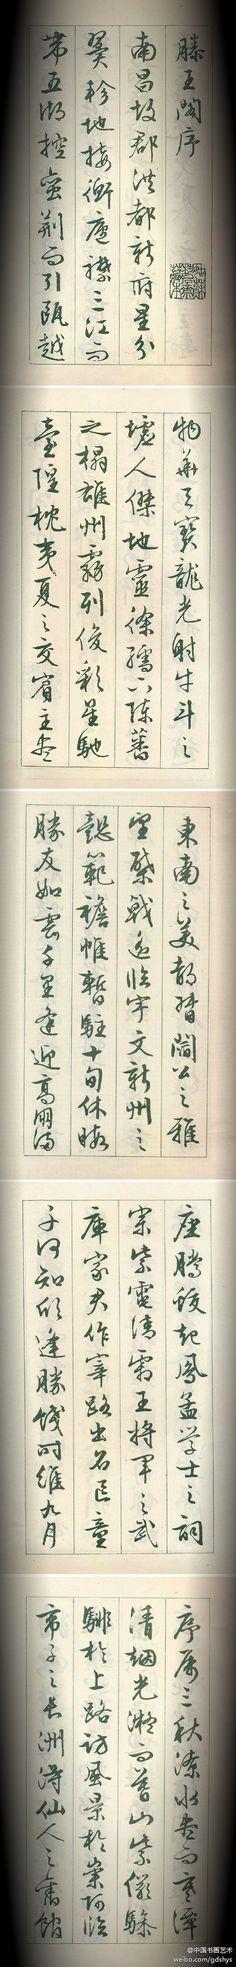 文徵明 滕王阁序  Ming dynasty Wen zengming ,Chinese typography